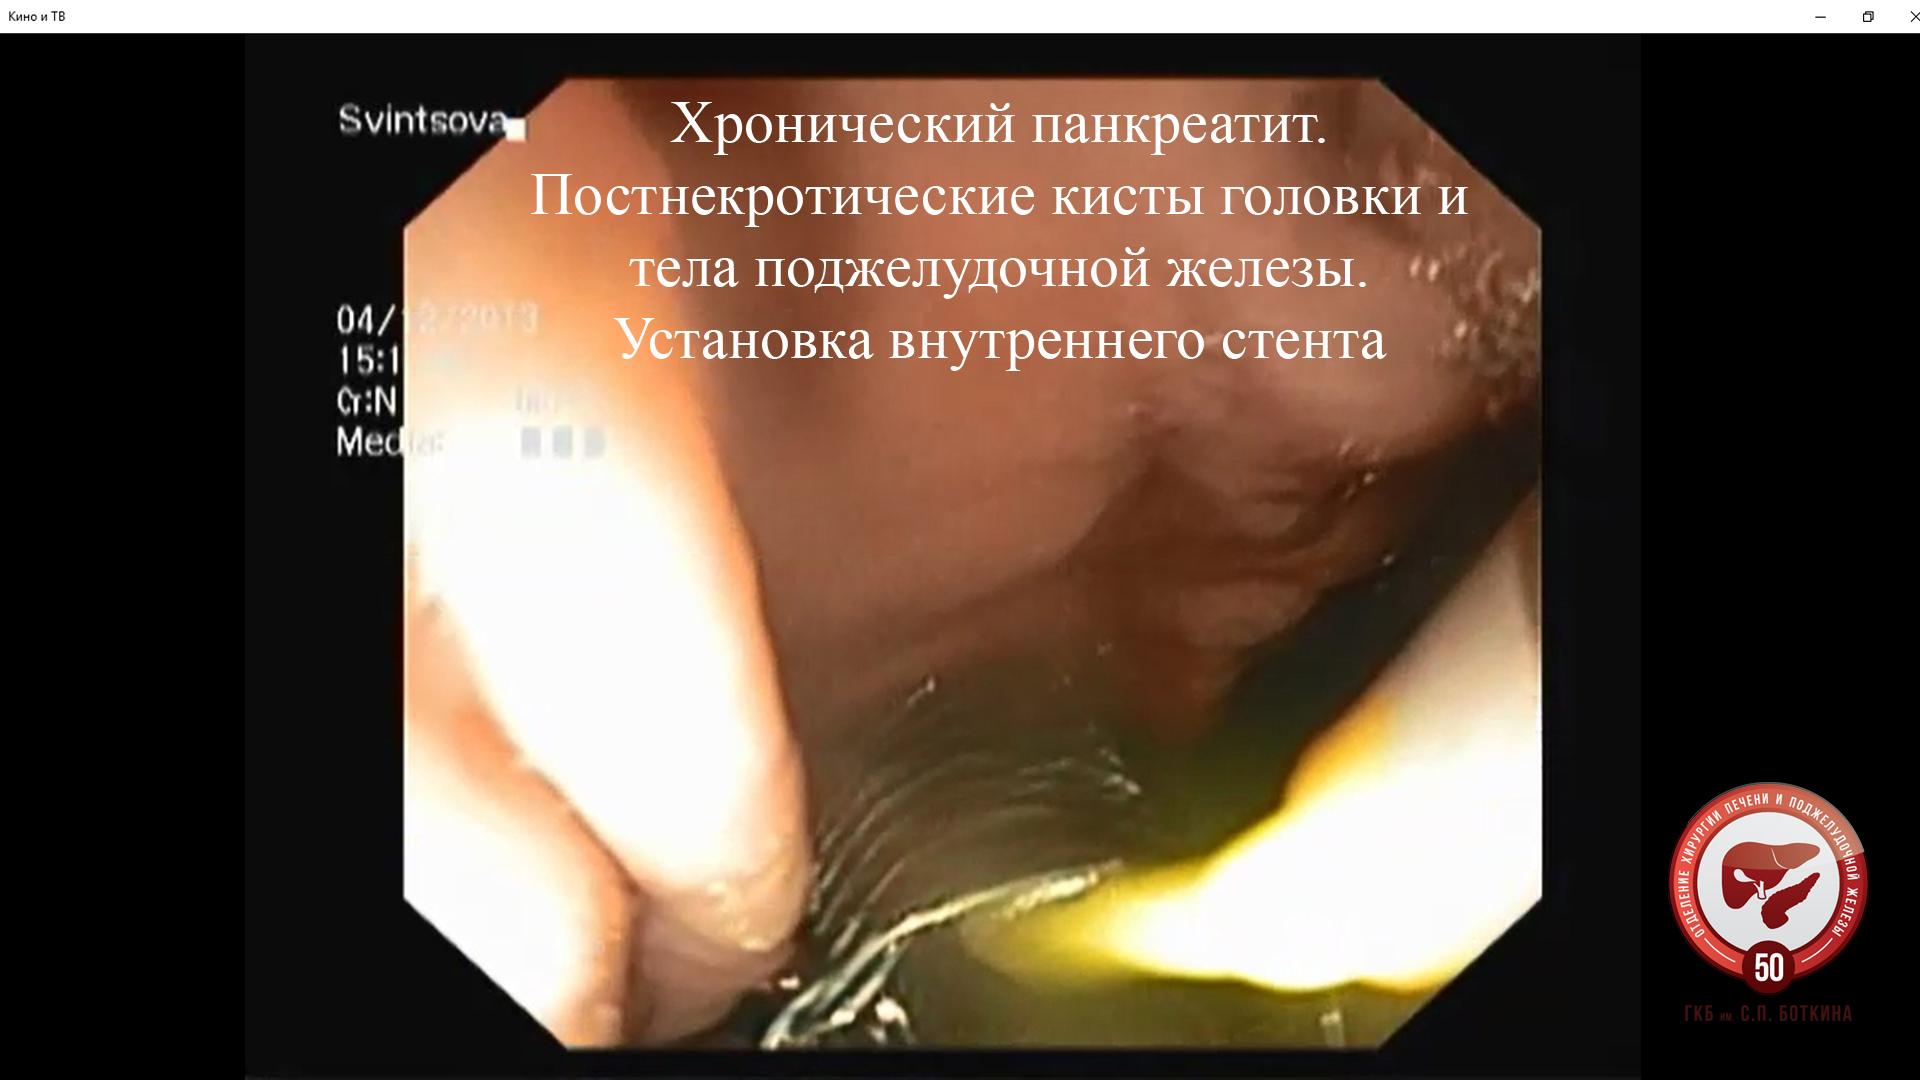 Запись к врачу стоматологическая поликлиника 32 г.москва